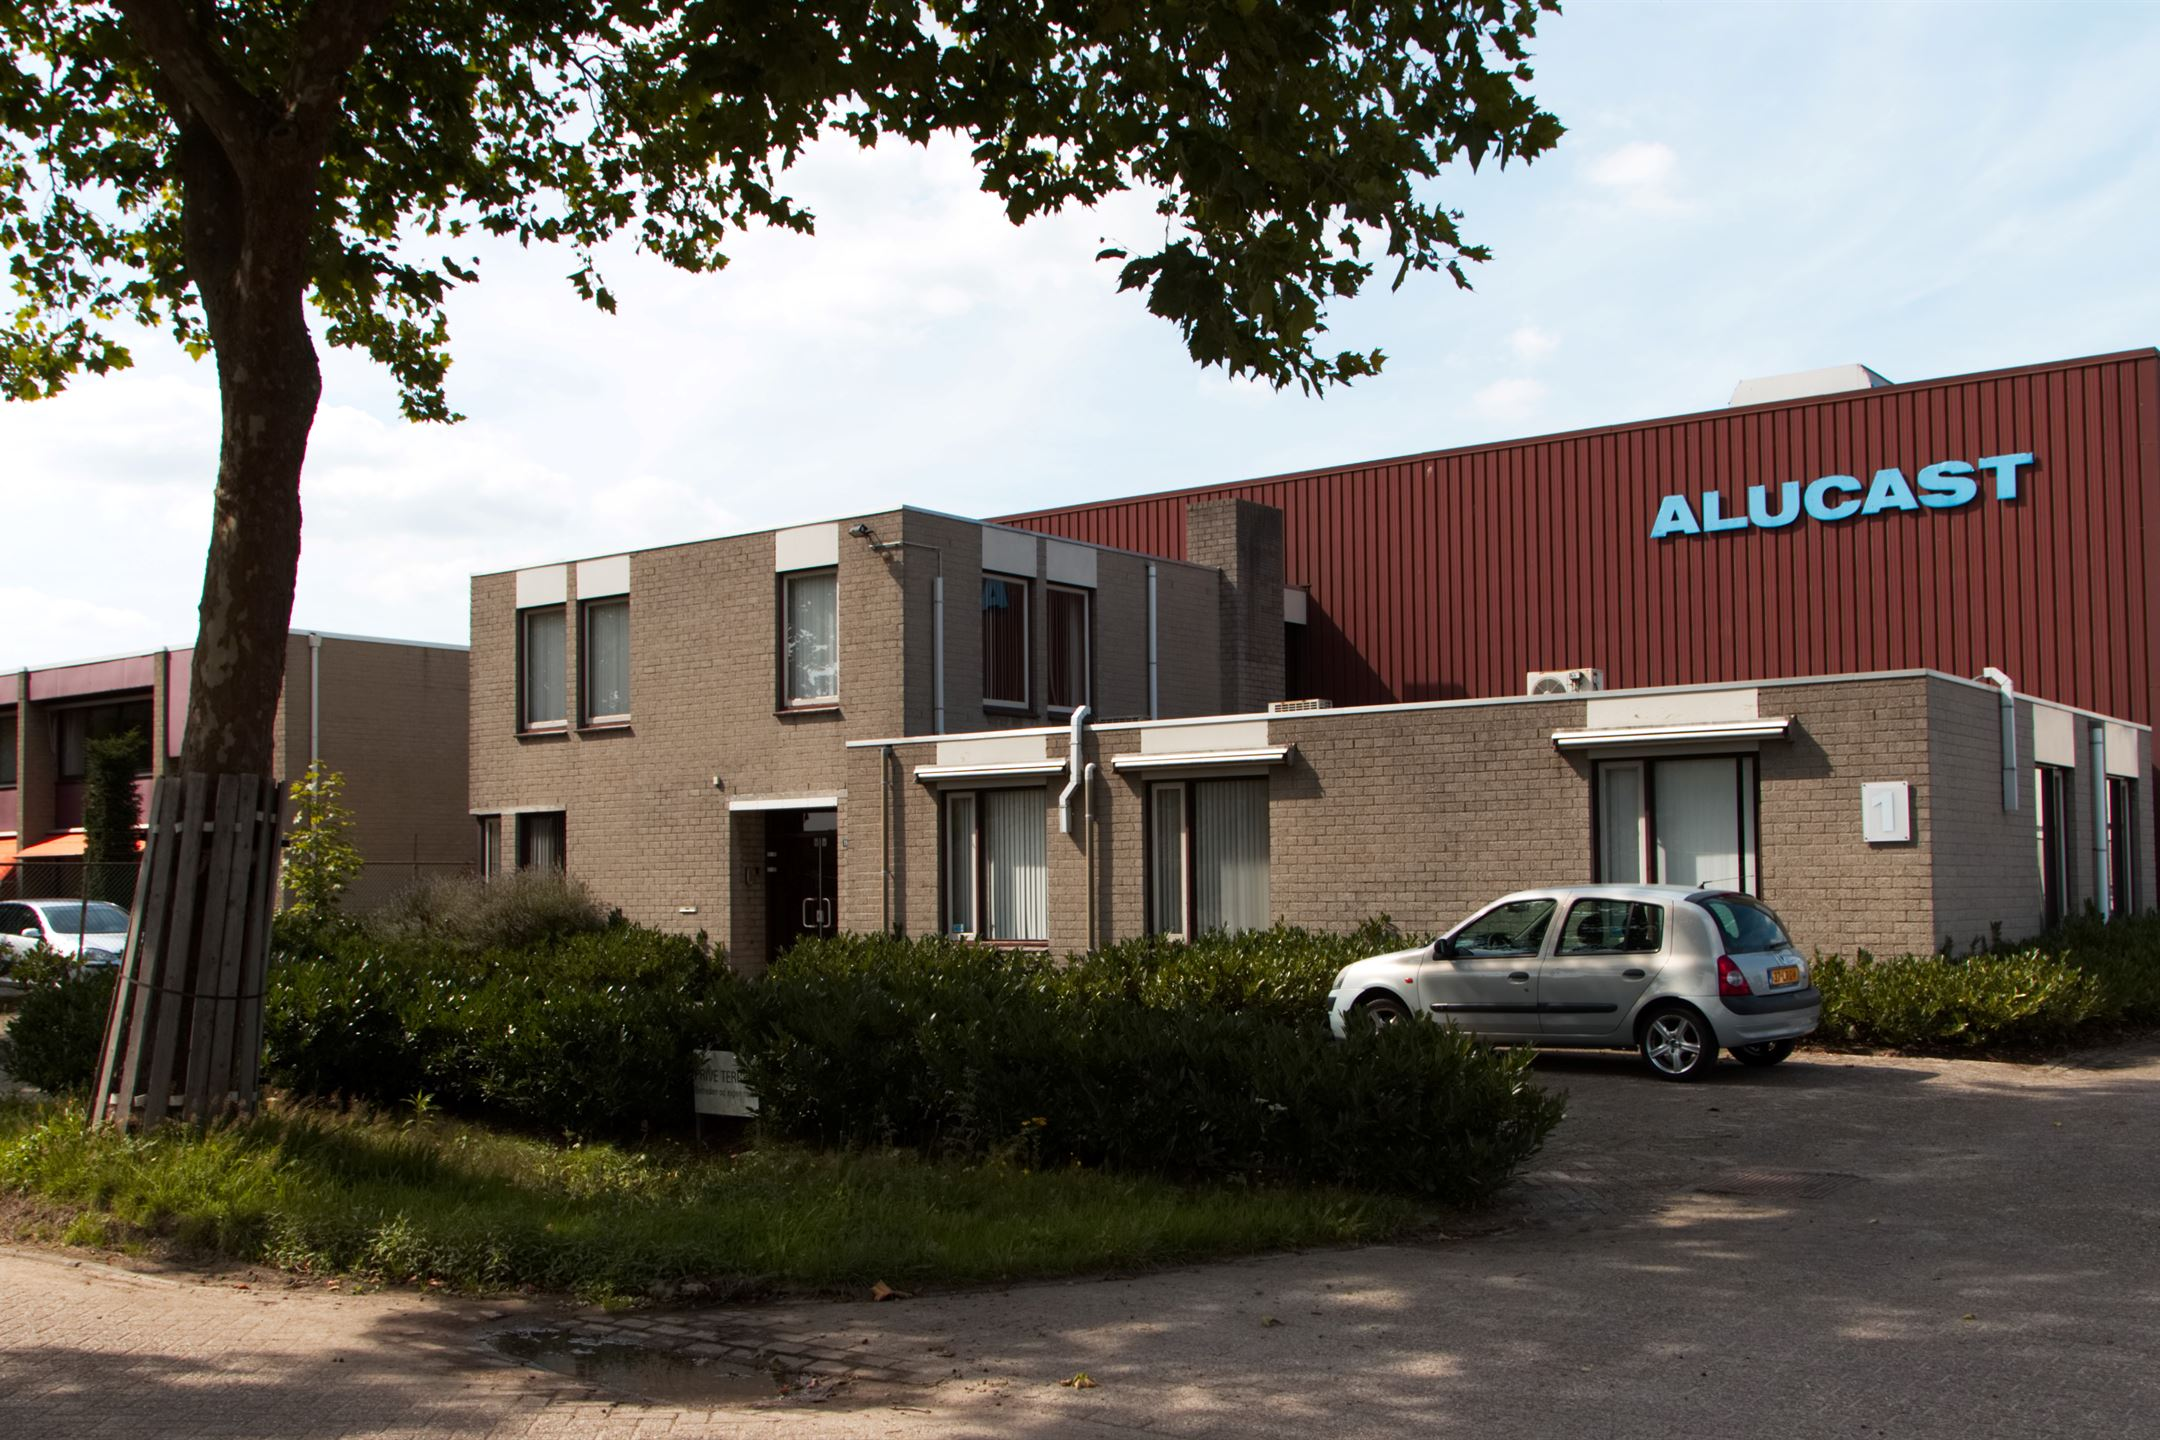 Oisterwijk | Search sold: Nijverheidsweg 11 5061 KK Oisterwijk ...